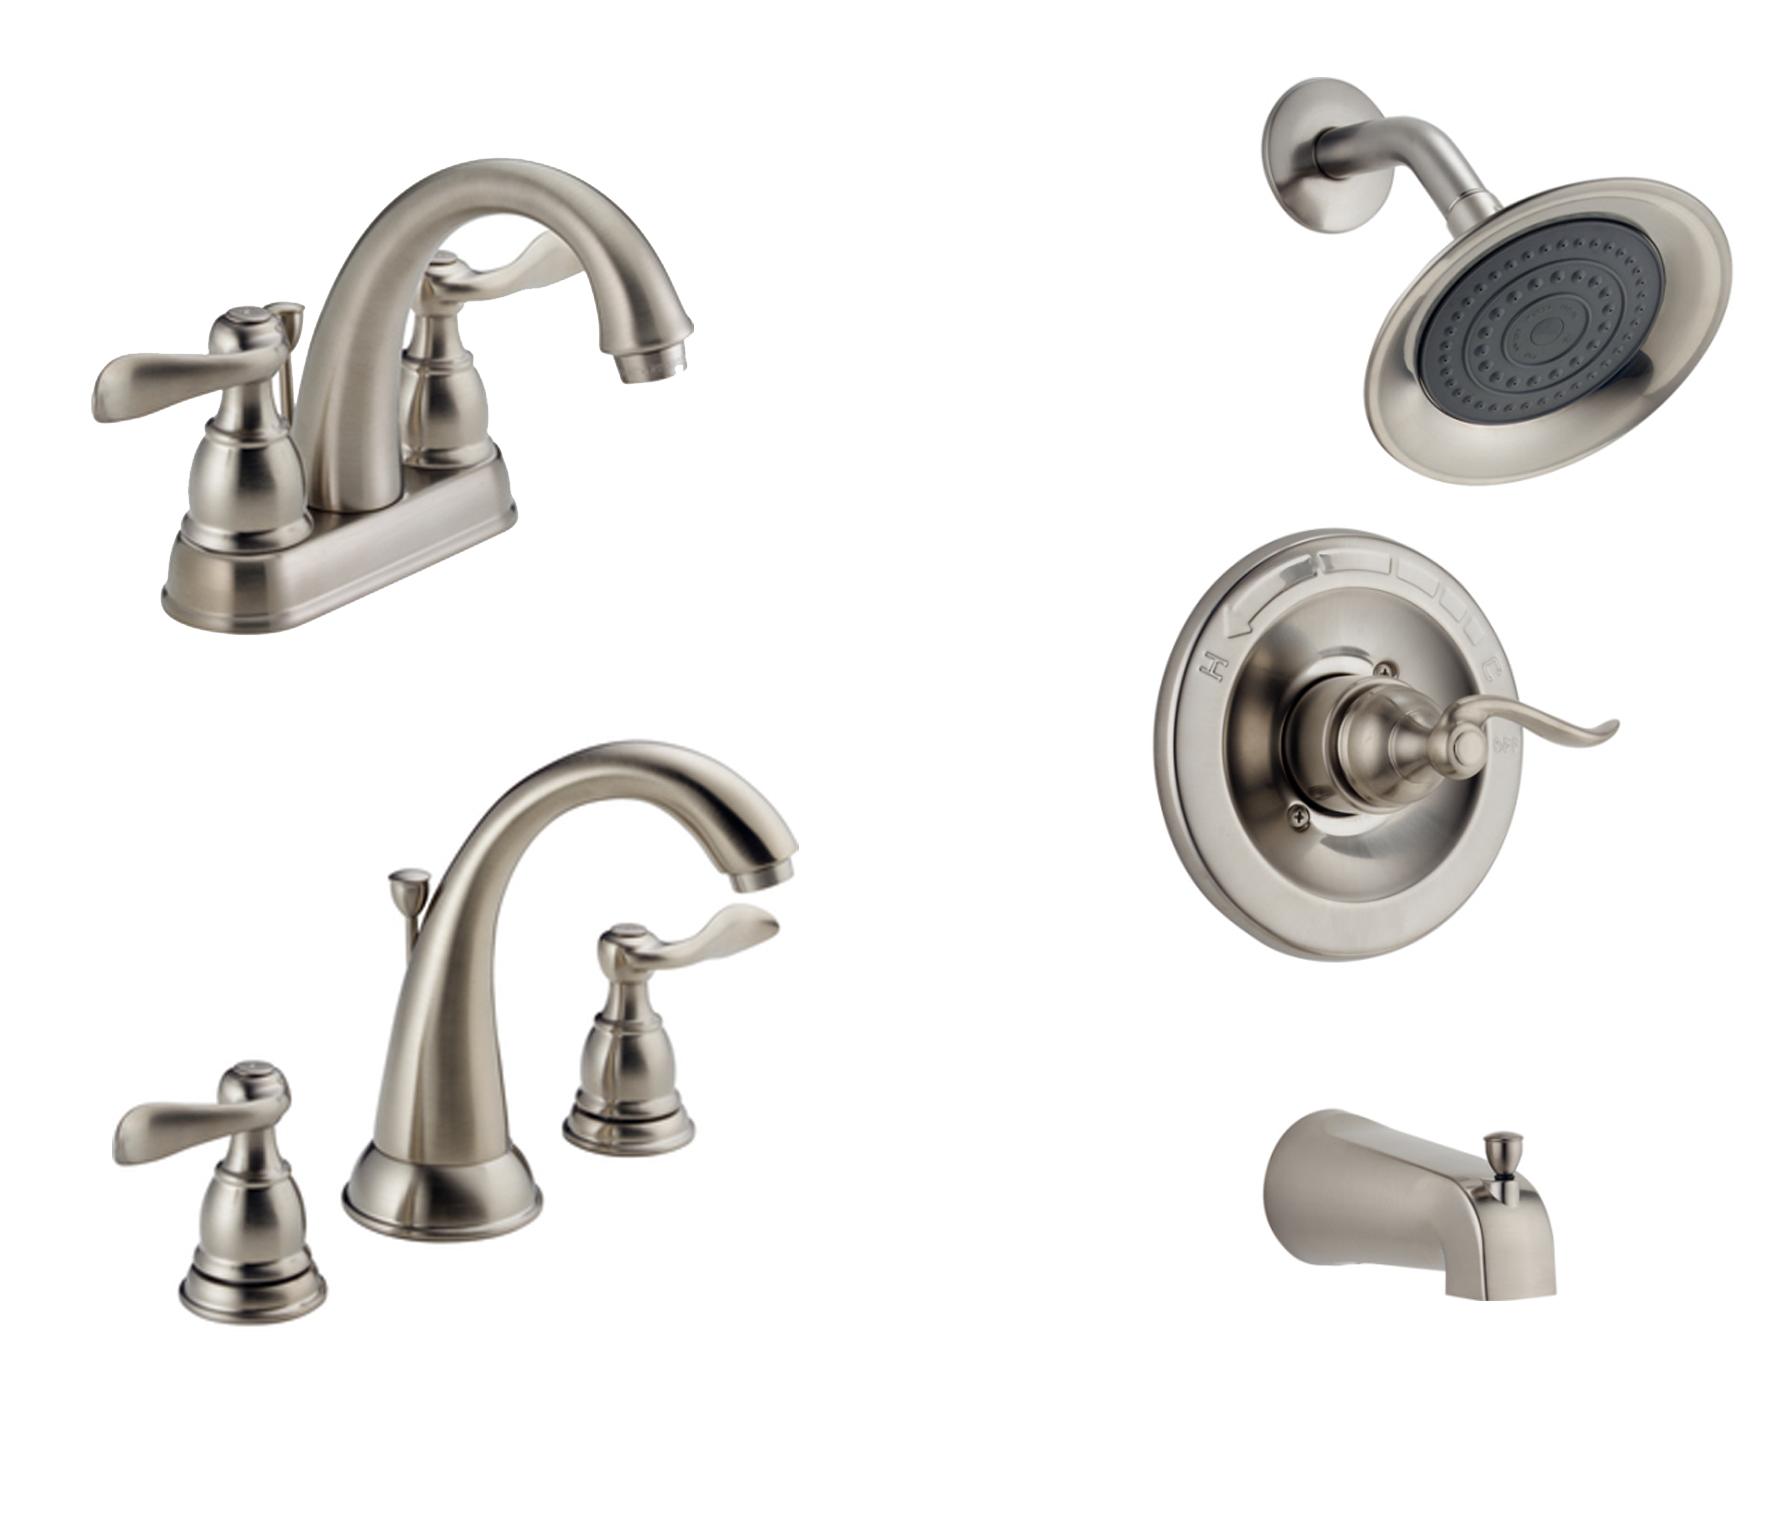 Bathroom Plumbing Fixtures | Delta Windemere | Brushed Nickel ...